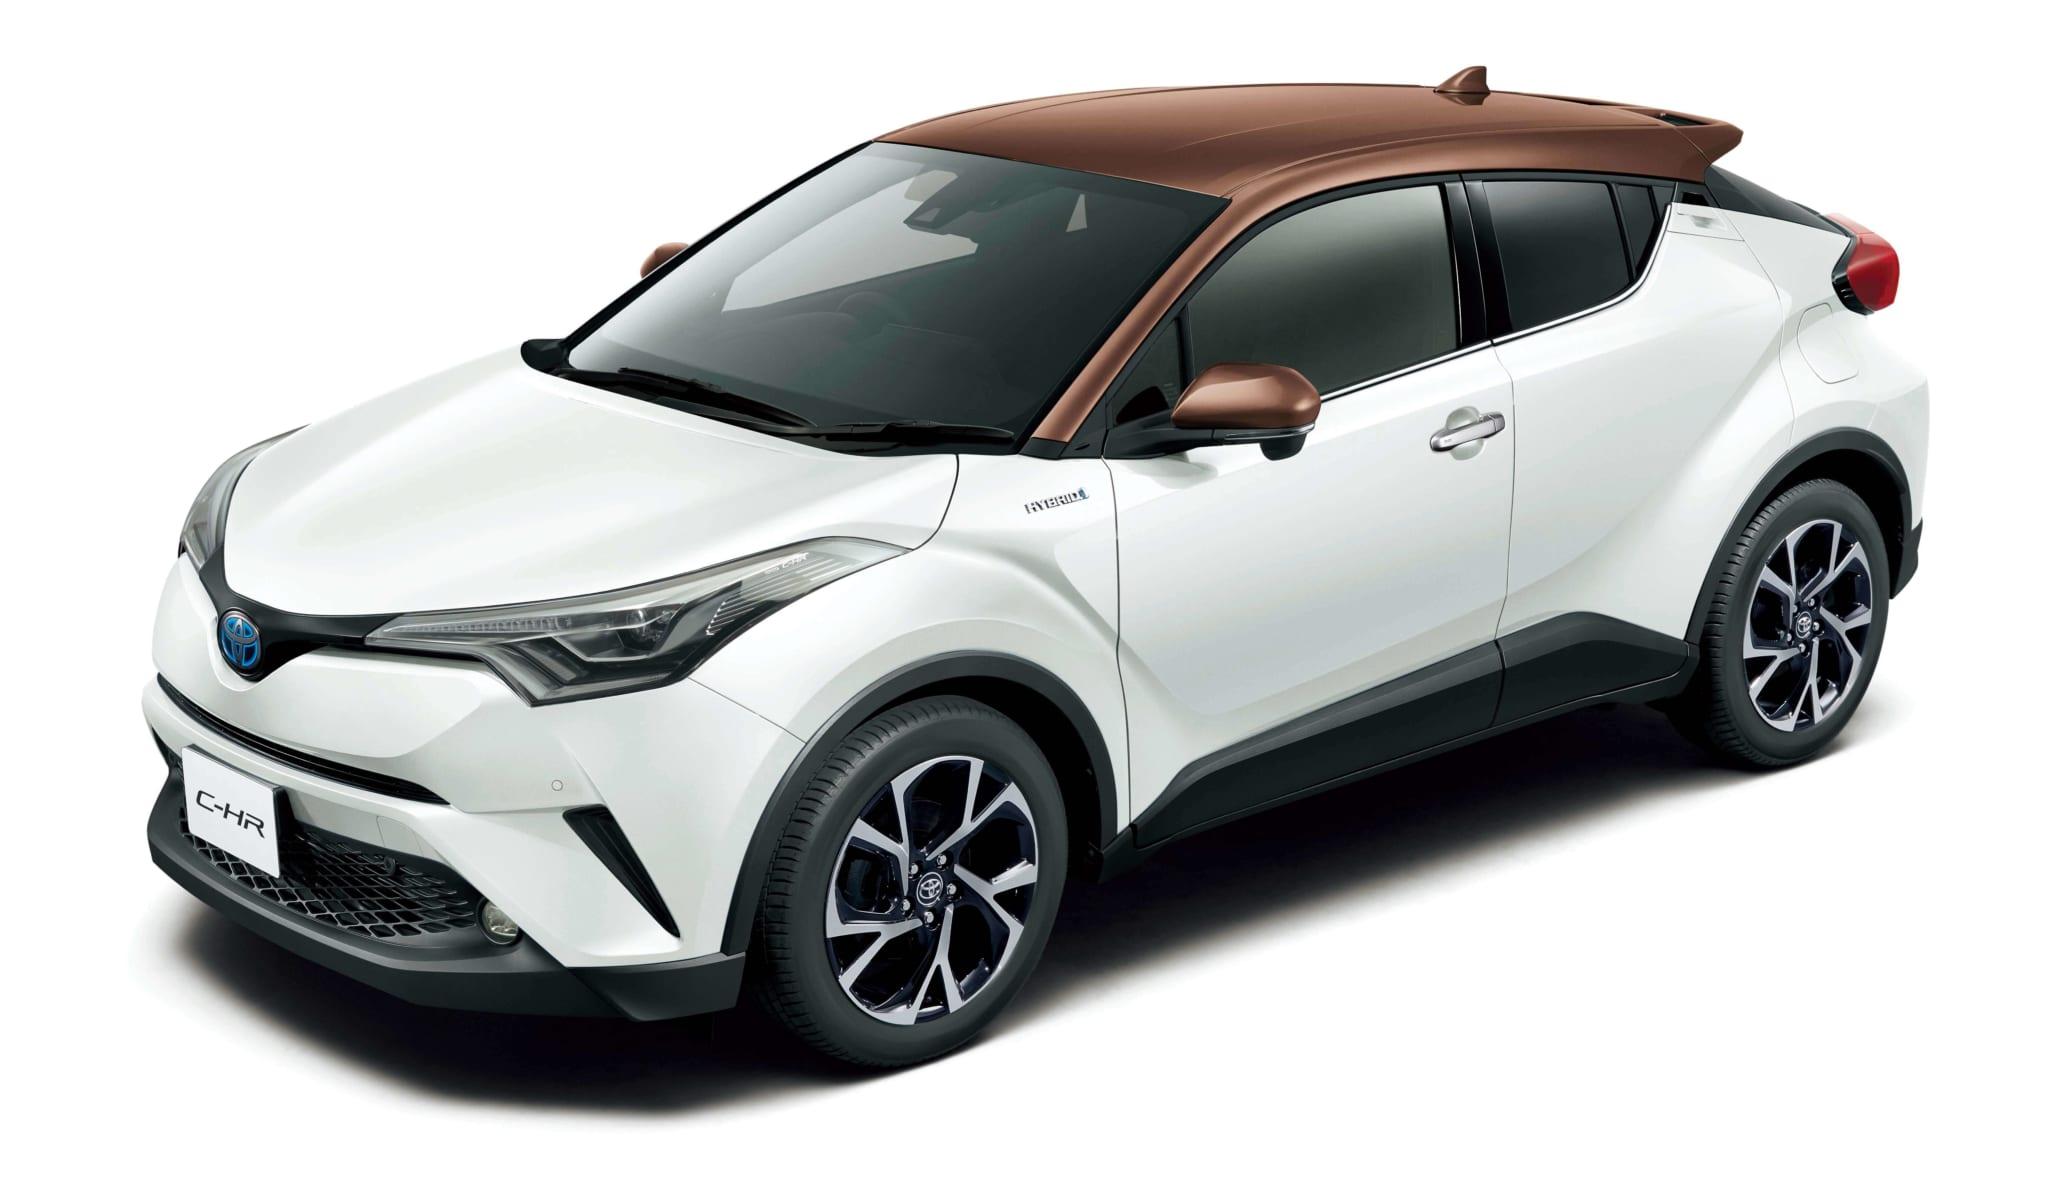 中古車人気ランキング 2019 トヨタ C-HR ハイブリッド